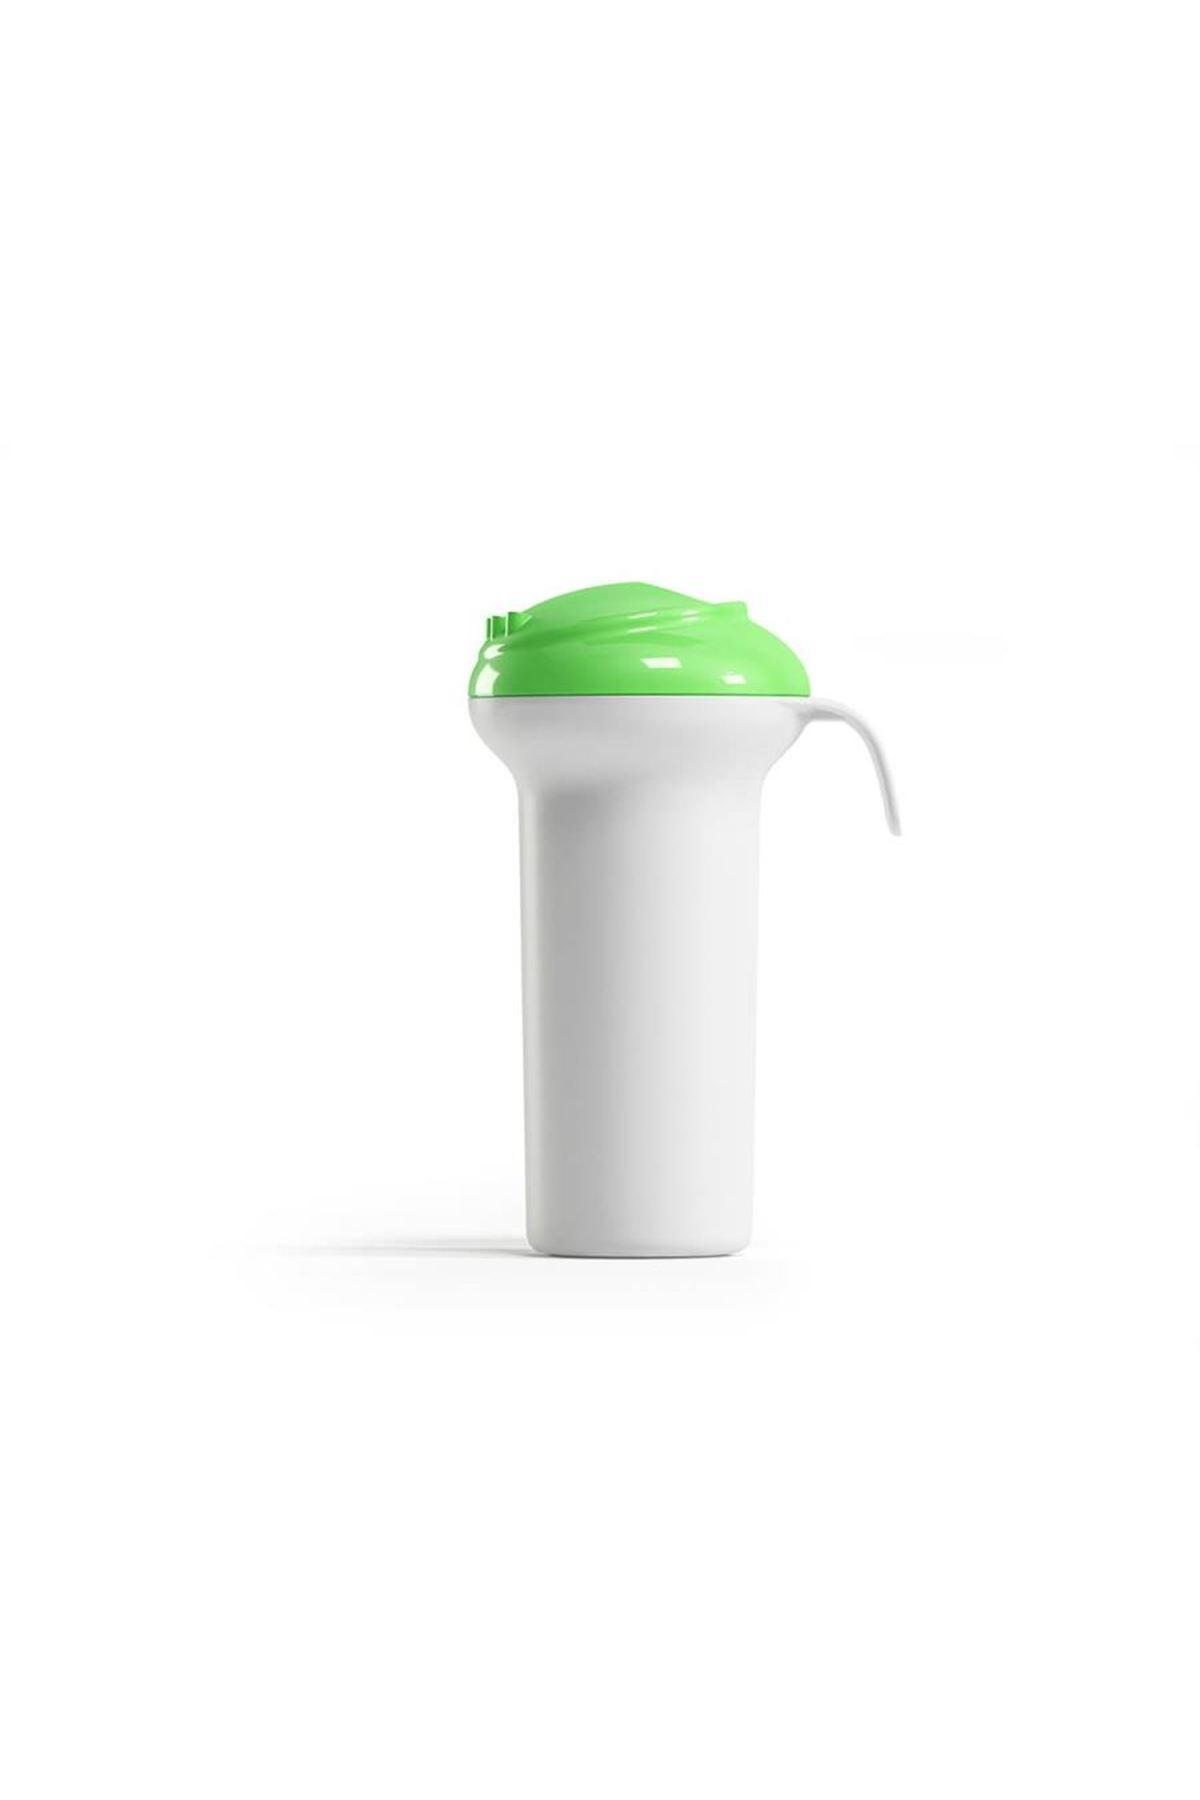 OkBaby Splash Bebek Duşu / Yeşil